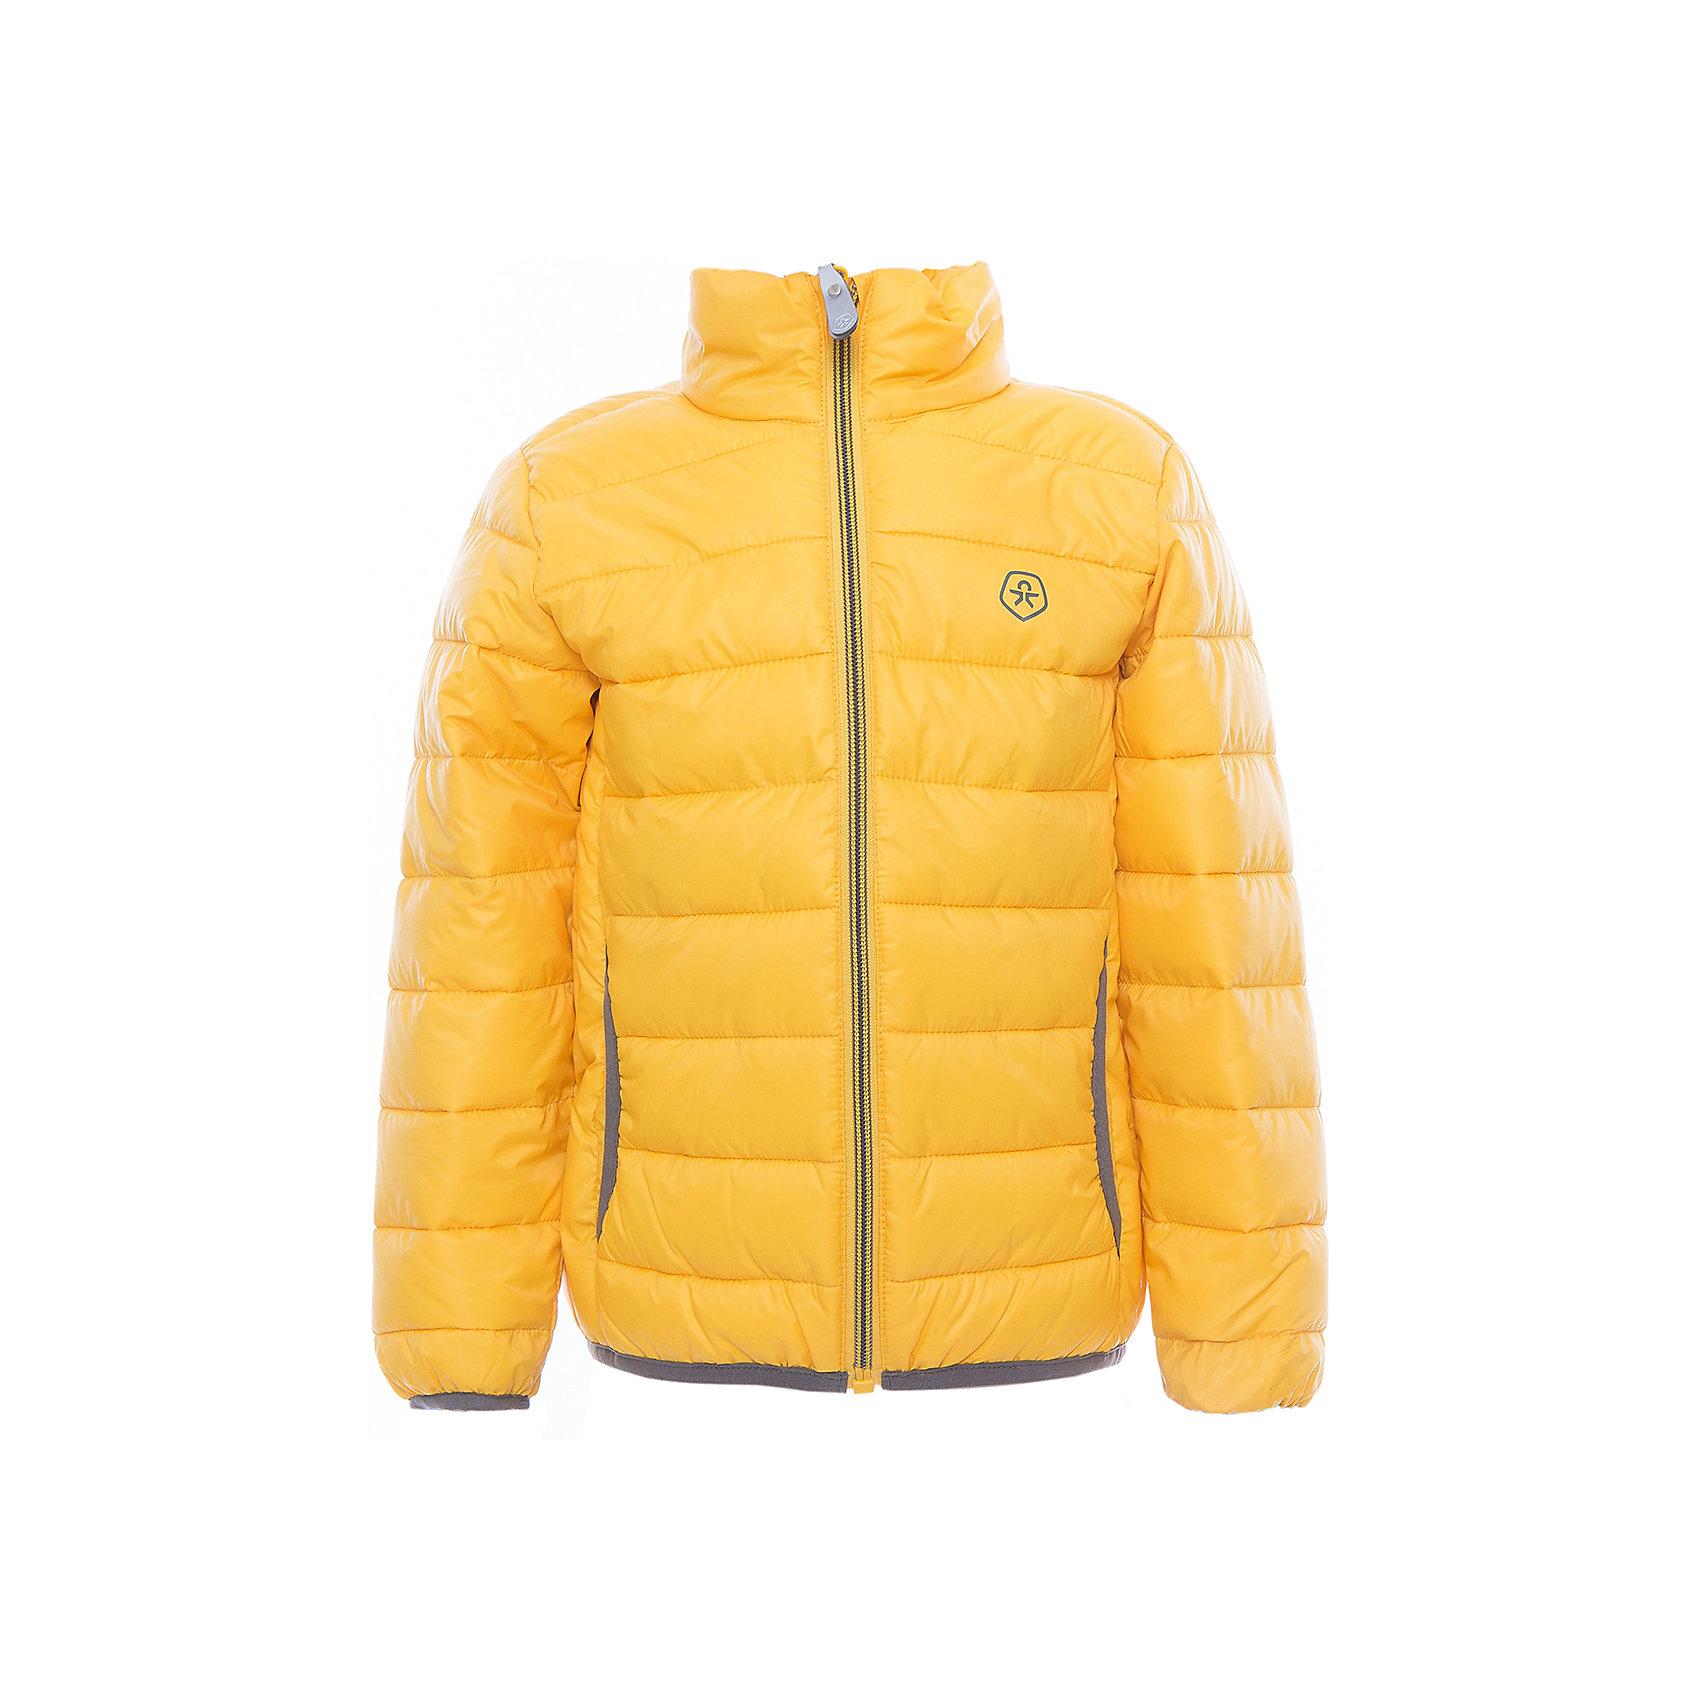 Куртка  Color KidsВерхняя одежда<br>Характеристики товара:<br><br>• цвет: жёлтый<br>• состав: 100 % полиэстер<br>• подкладка: 100 % полиэстер<br>• утеплитель: 160г/м синтепон<br>• температурный режим: от -5° С до +10°С<br>• светоотражающие детали<br>• застежка: молния<br>• защита подбородка<br>• два кармана<br>• логотип<br>• комфортная посадка<br>• страна бренда: Дания<br><br>Эта симпатичная и удобная куртка отлично подойдет для ношения в межсезонье. Она комфортно сидит и обеспечивает ребенку необходимое удобство. Очень стильно смотрится.<br><br>Куртку от датского бренда Color Kids (Колор кидз) можно купить в нашем интернет-магазине.<br><br>Ширина мм: 356<br>Глубина мм: 10<br>Высота мм: 245<br>Вес г: 519<br>Цвет: желтый<br>Возраст от месяцев: 24<br>Возраст до месяцев: 36<br>Пол: Унисекс<br>Возраст: Детский<br>Размер: 98,104,110,116,122,128,140,152,92<br>SKU: 5443136